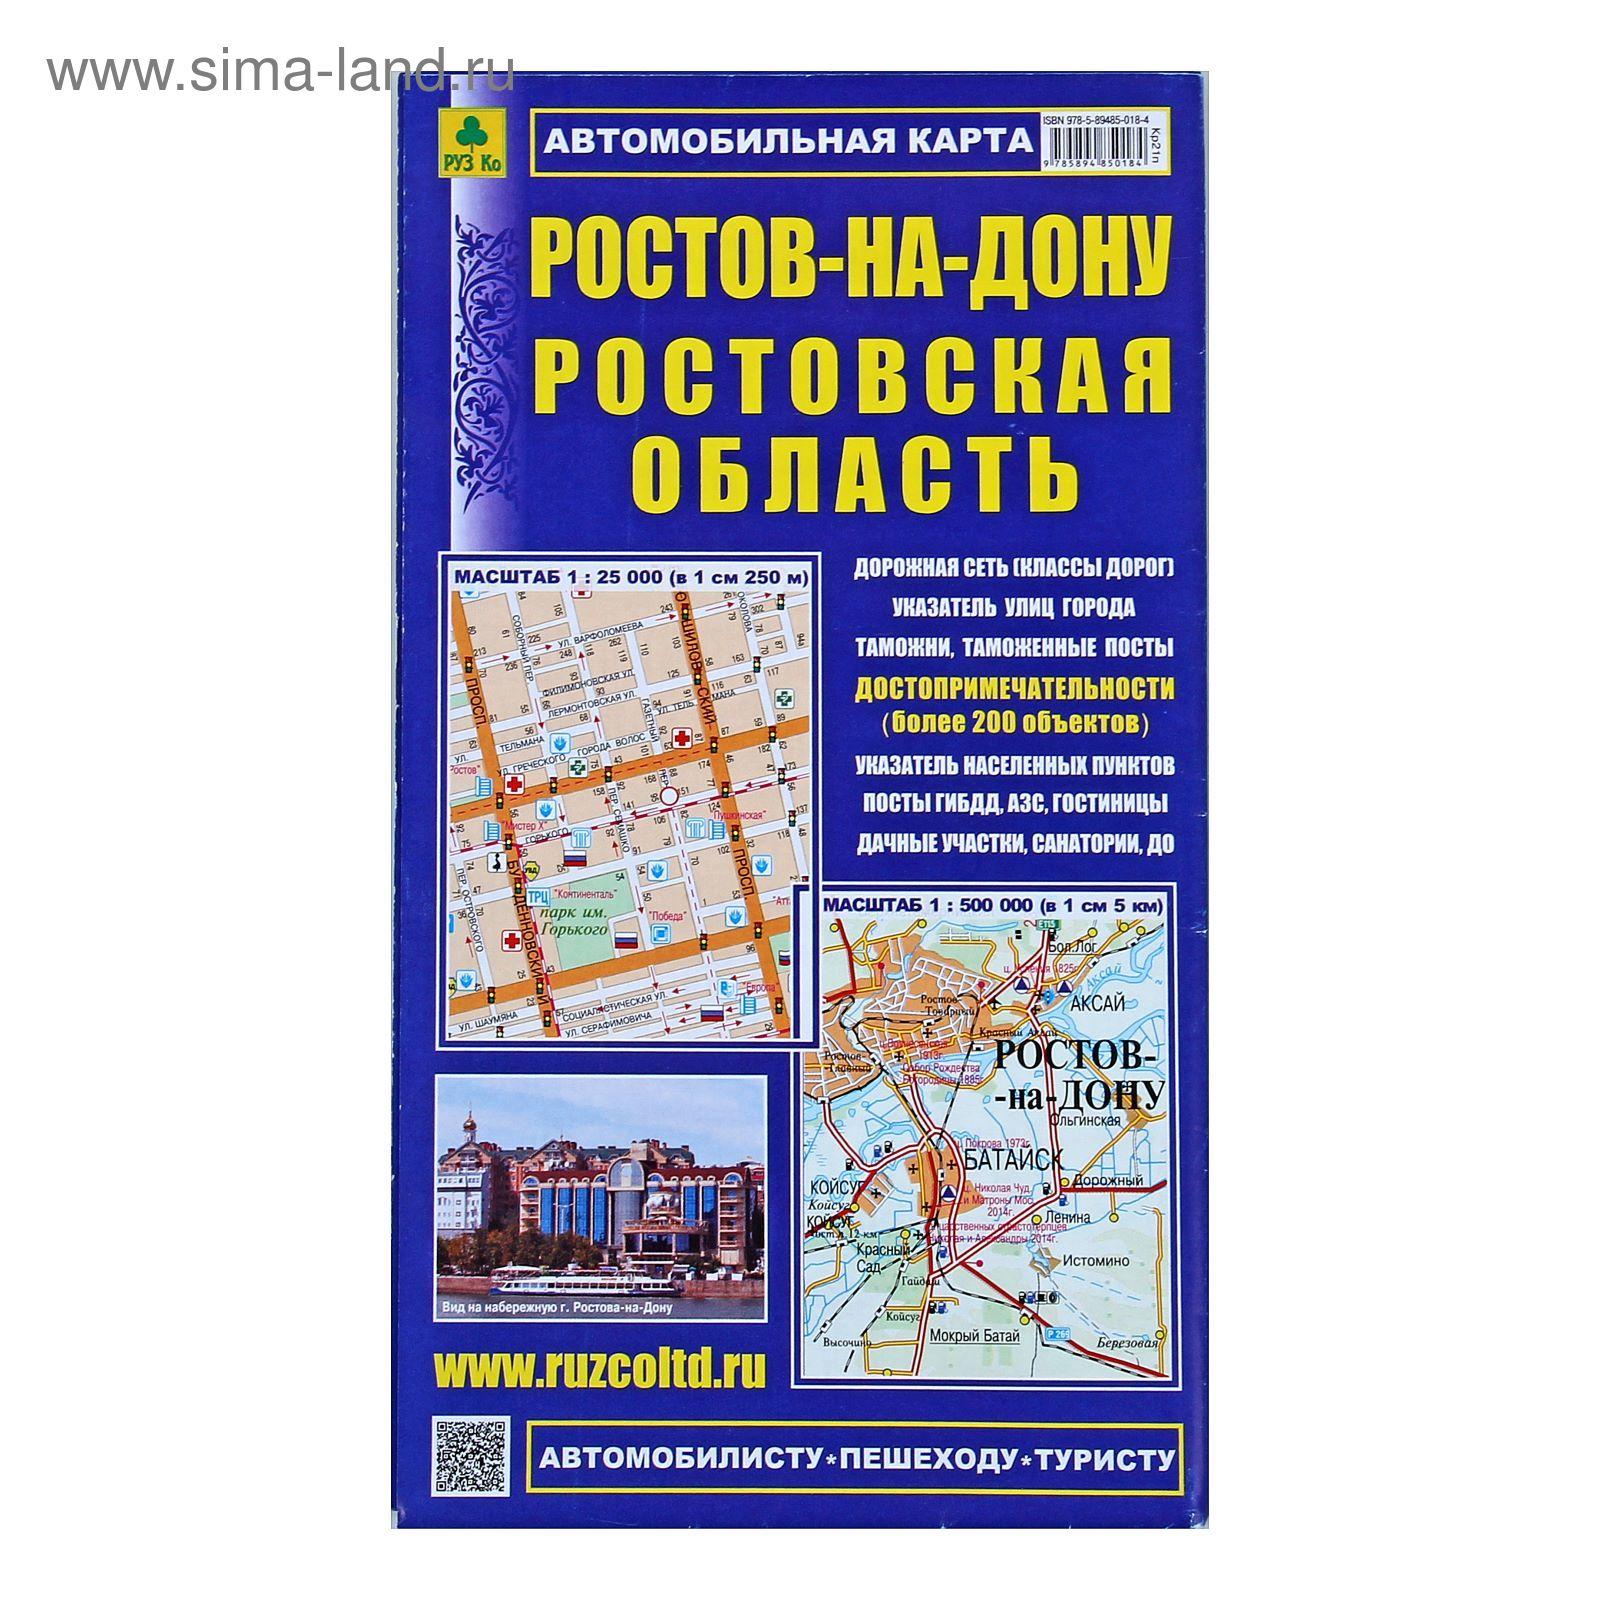 Детские пособия в Ростове-на-Дону и Ростовской области